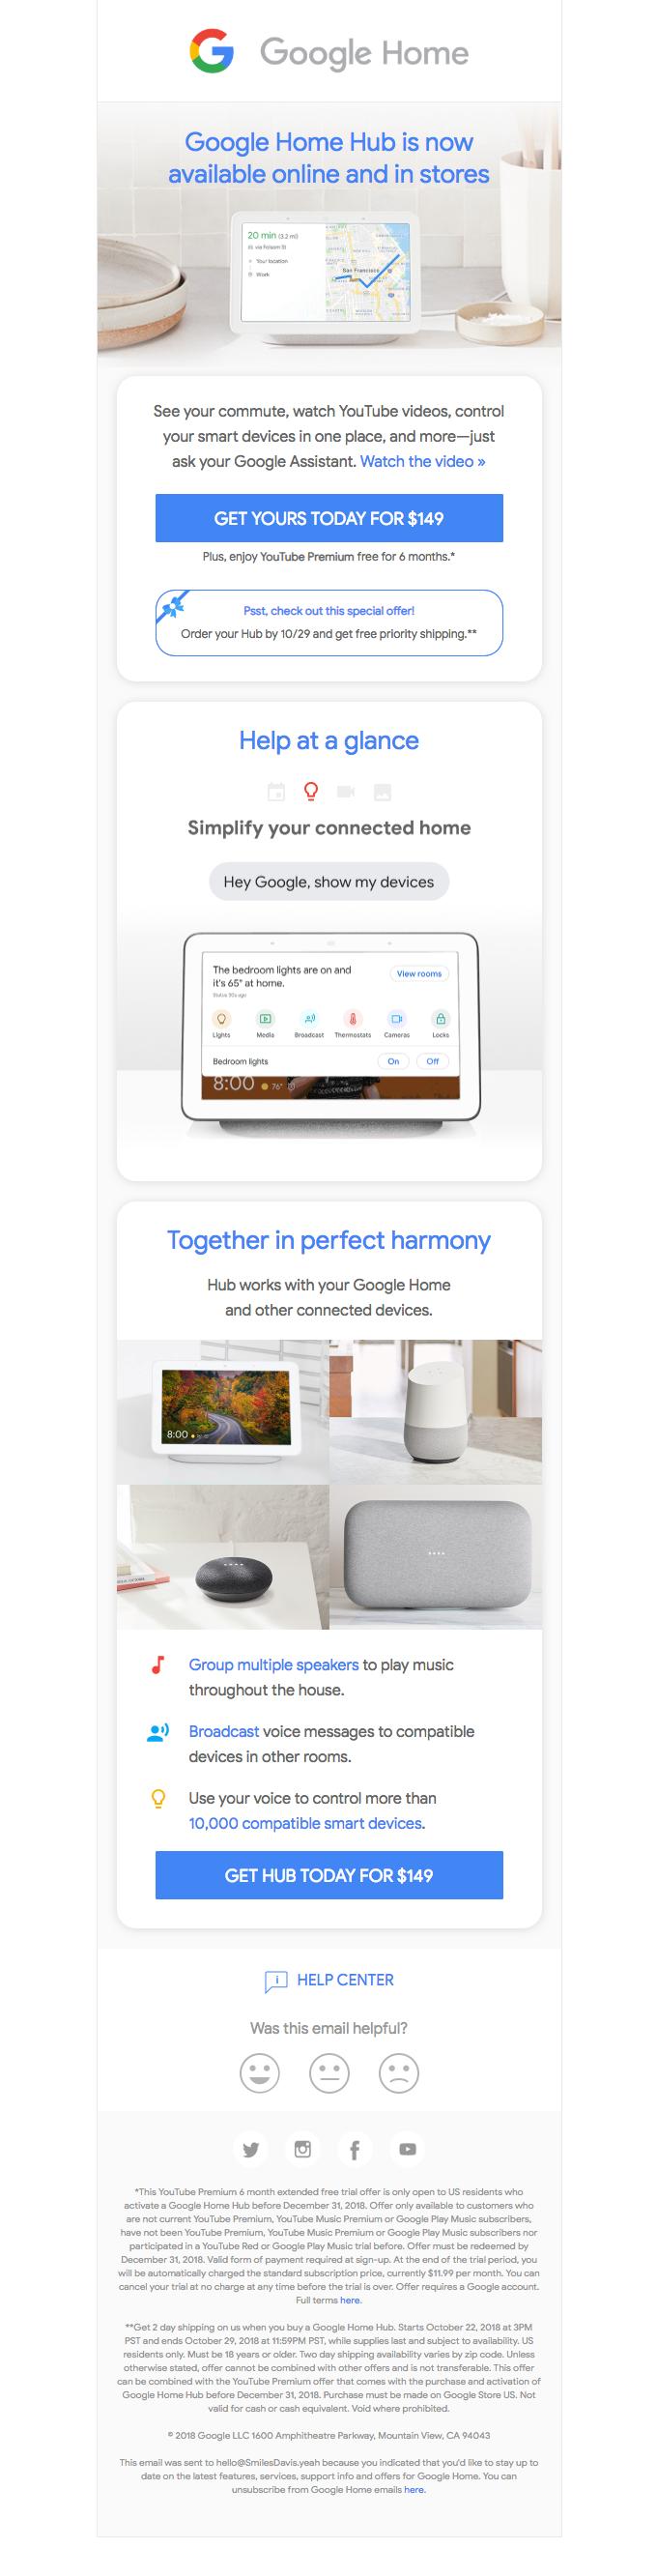 Google Home Hub is here